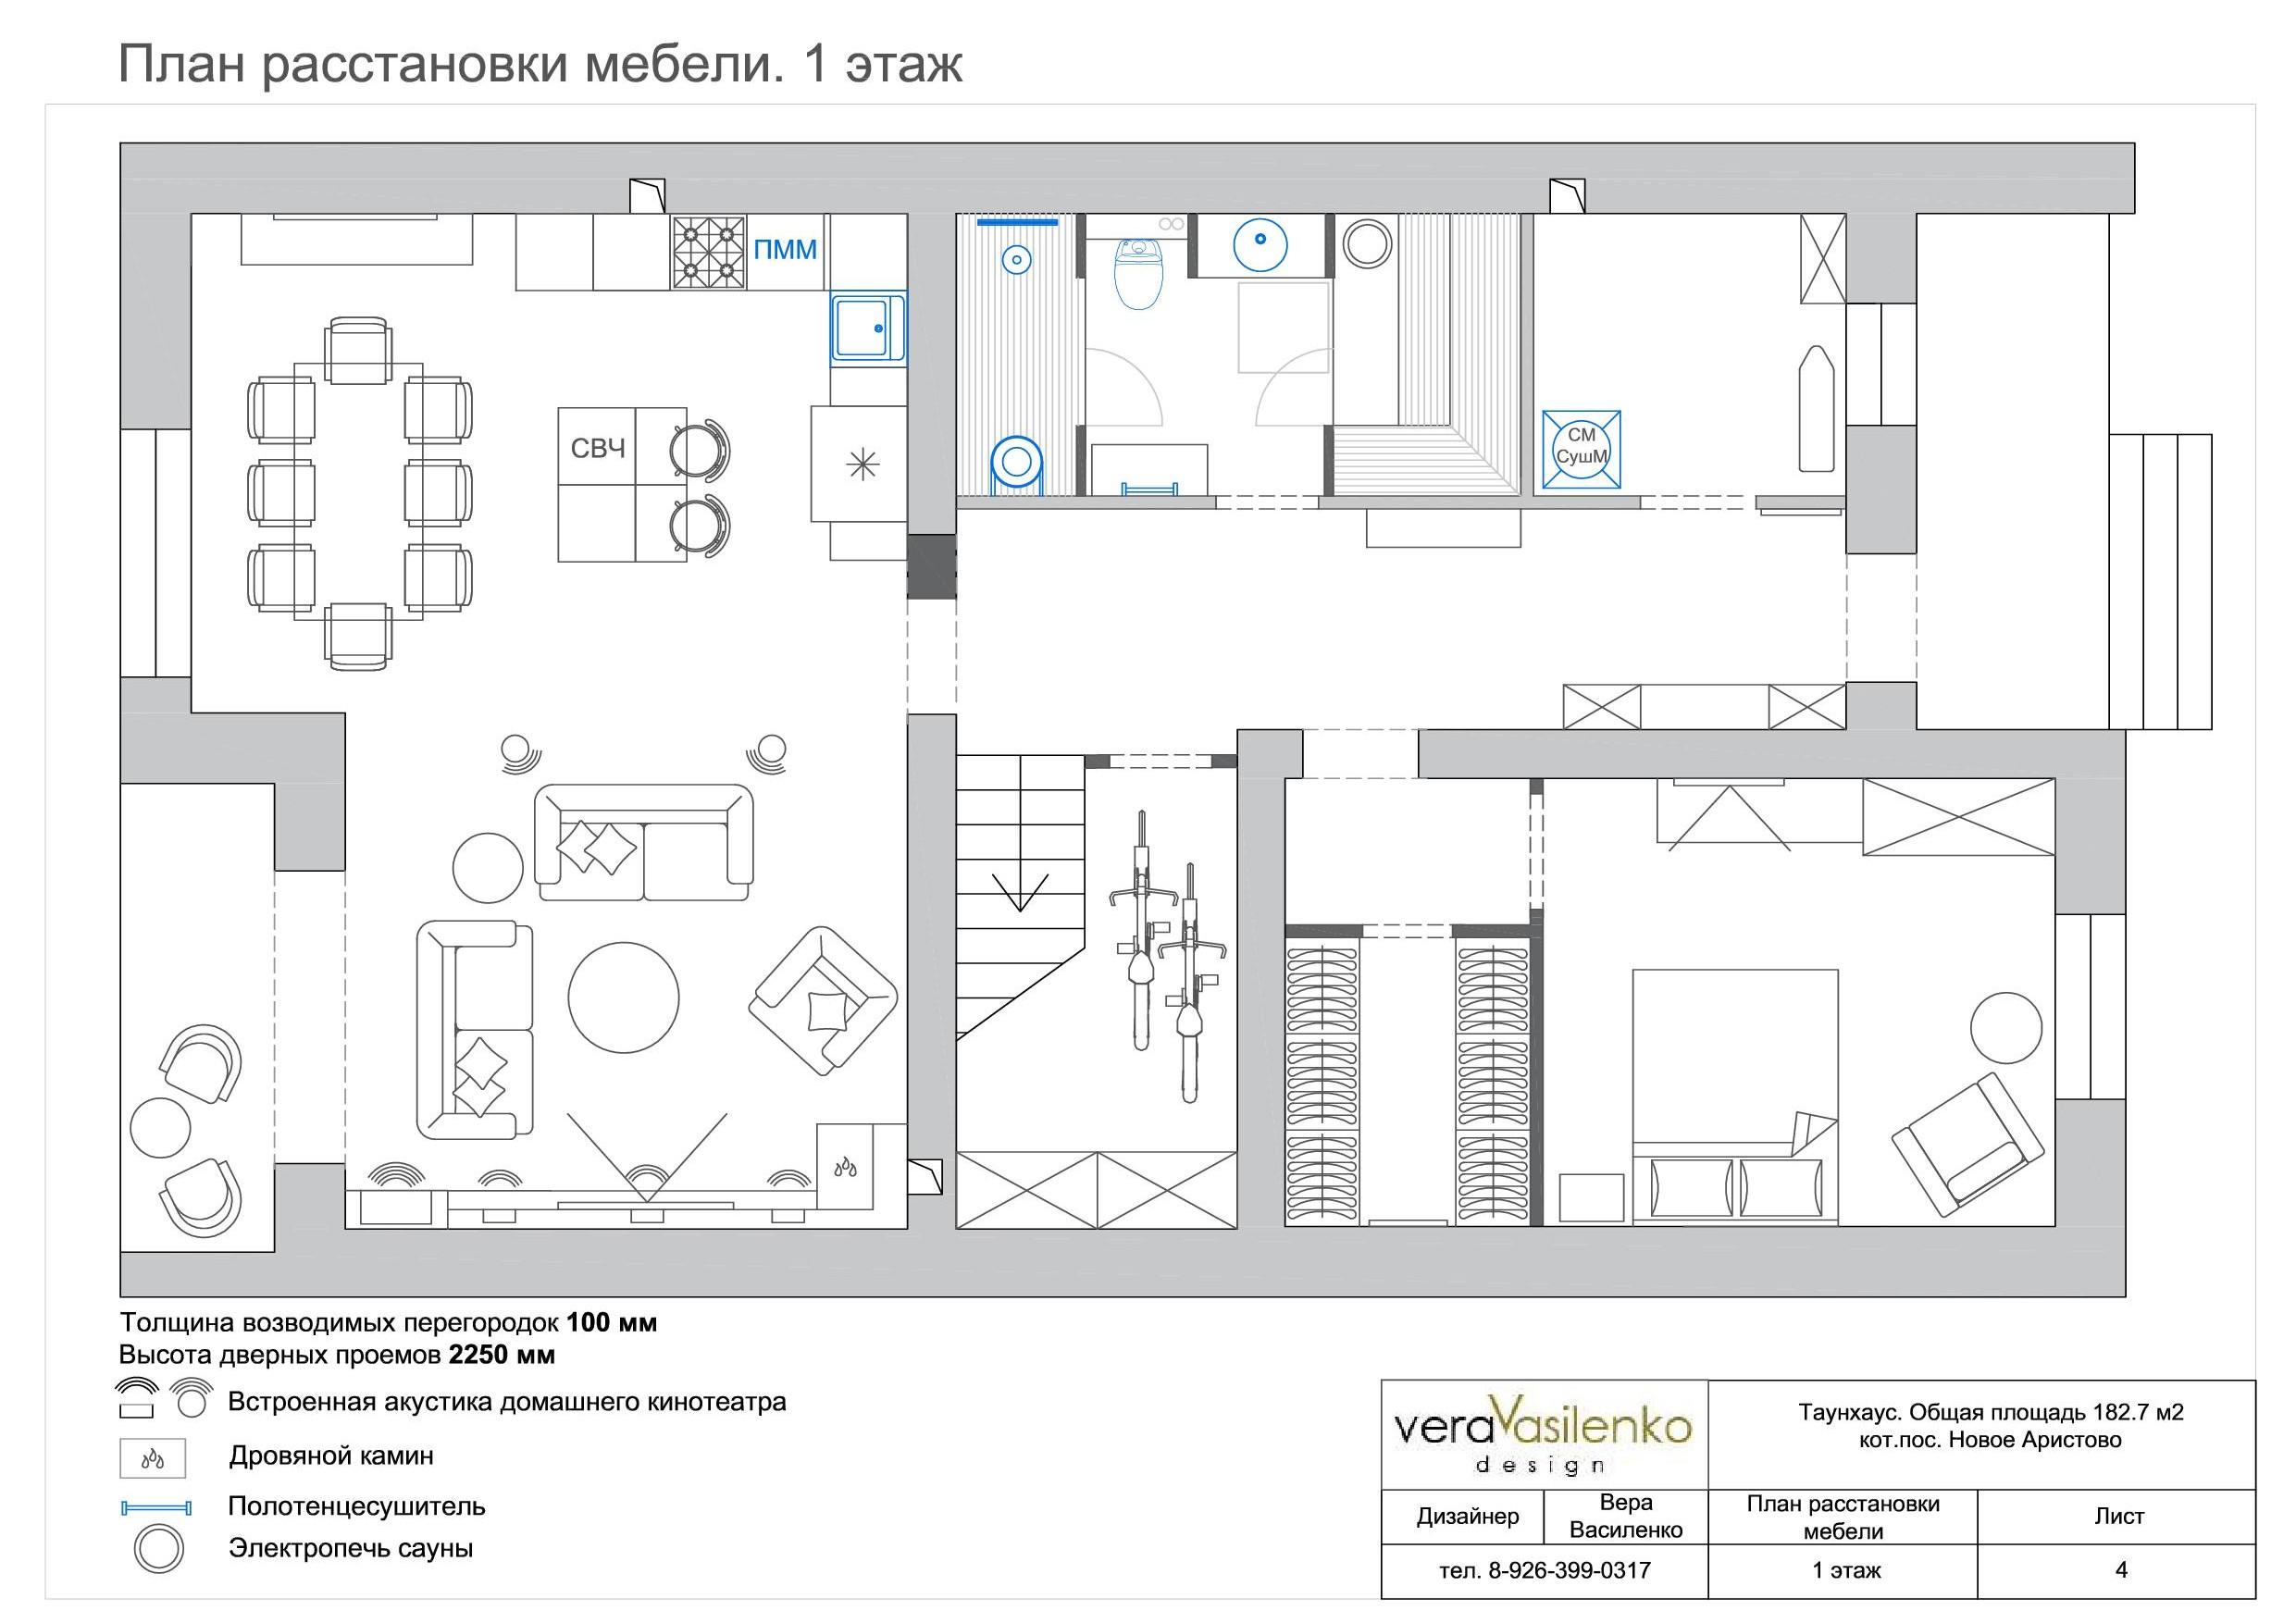 4. План расстановки мебели. Этаж 1